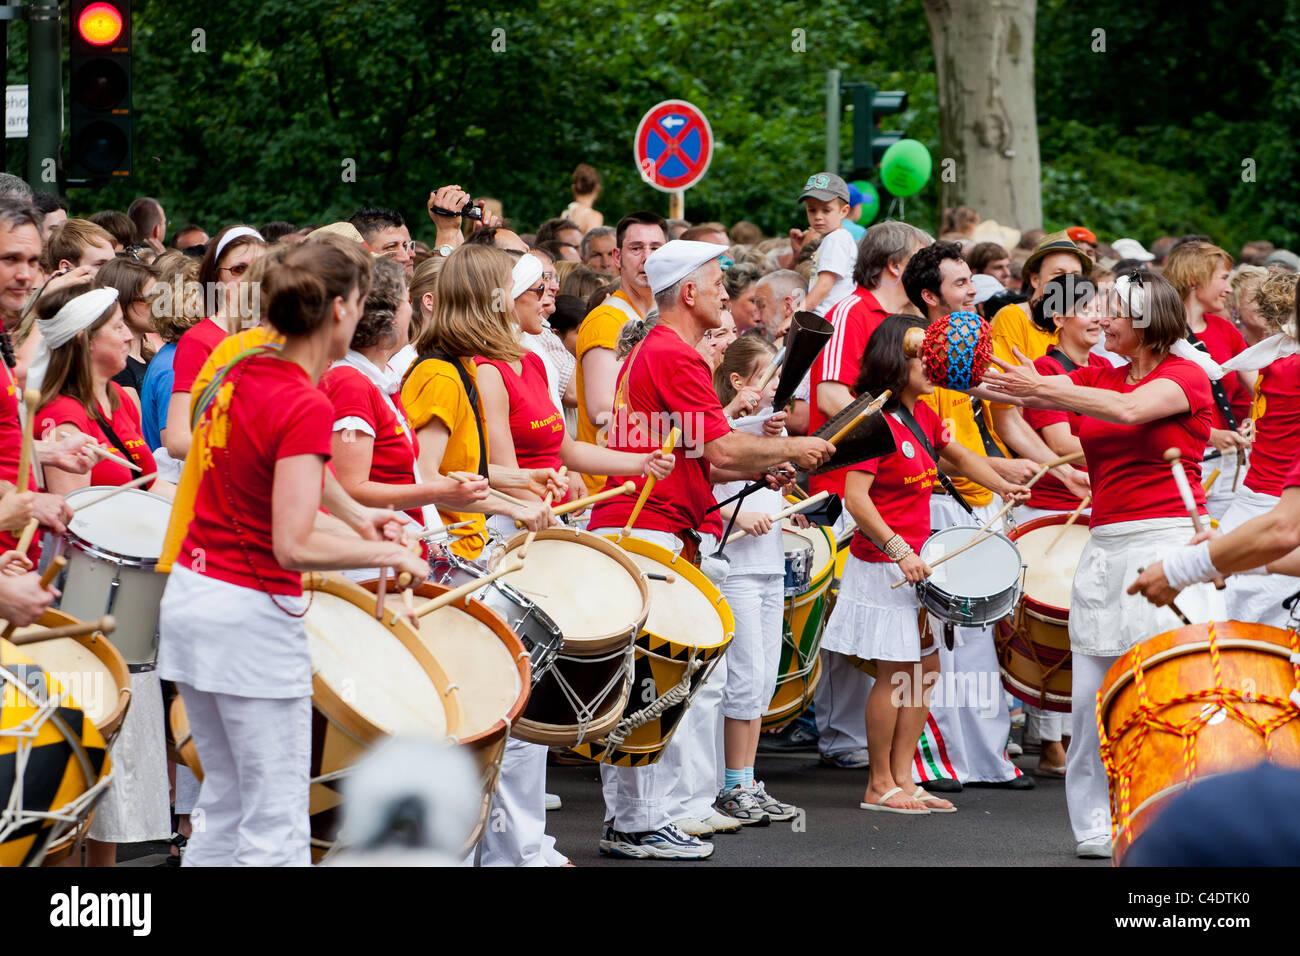 Karneval der Kulturen, Trommeln, Trommeln, Berlin, Festival, Menschen, Menschenmenge, rot, Menschen, Strasse, Parade, Stockbild